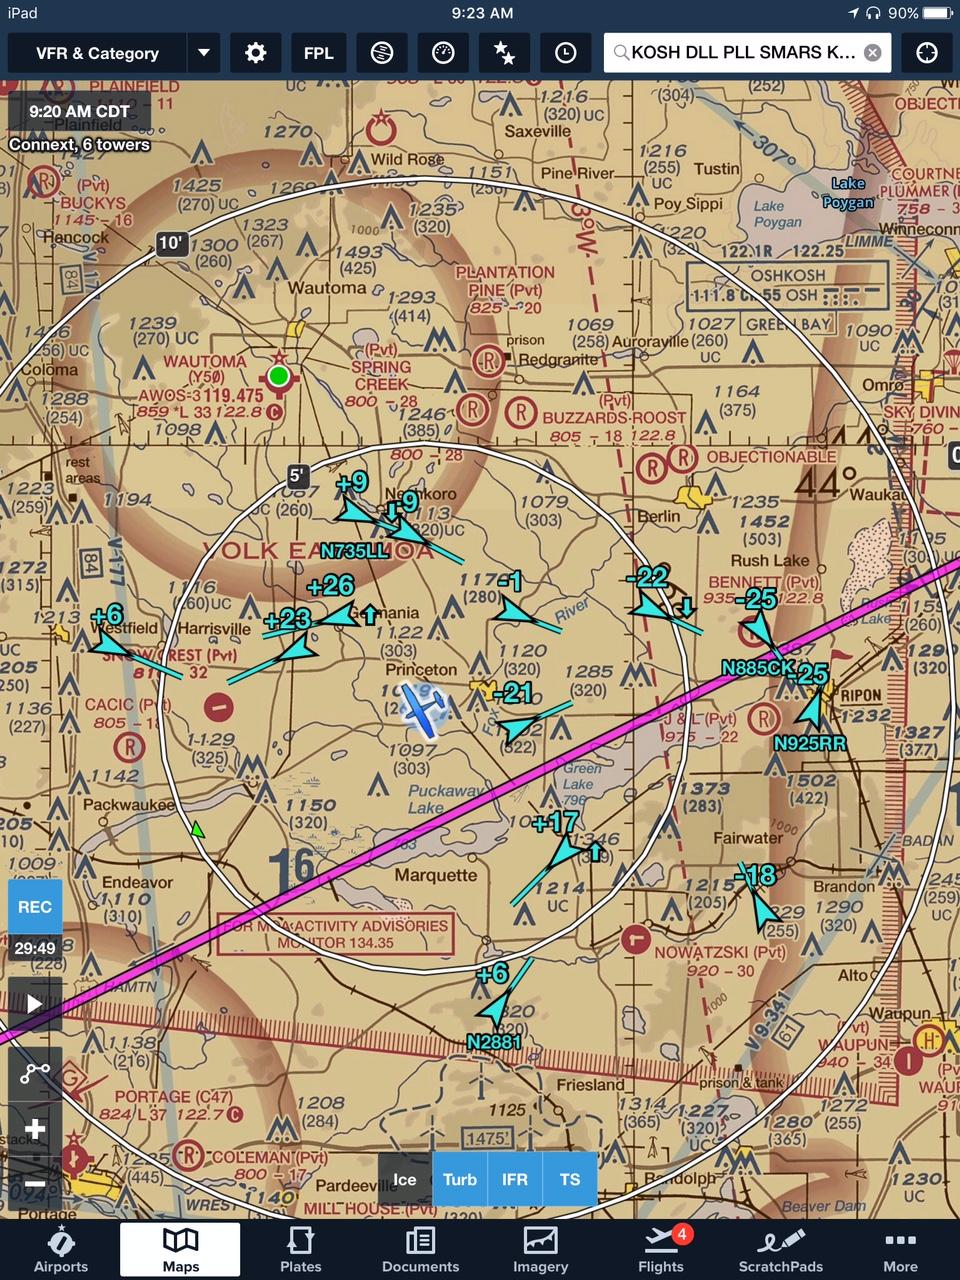 IMG_7495 Against the flow-Fisk Arrivals near Ripon.JPG